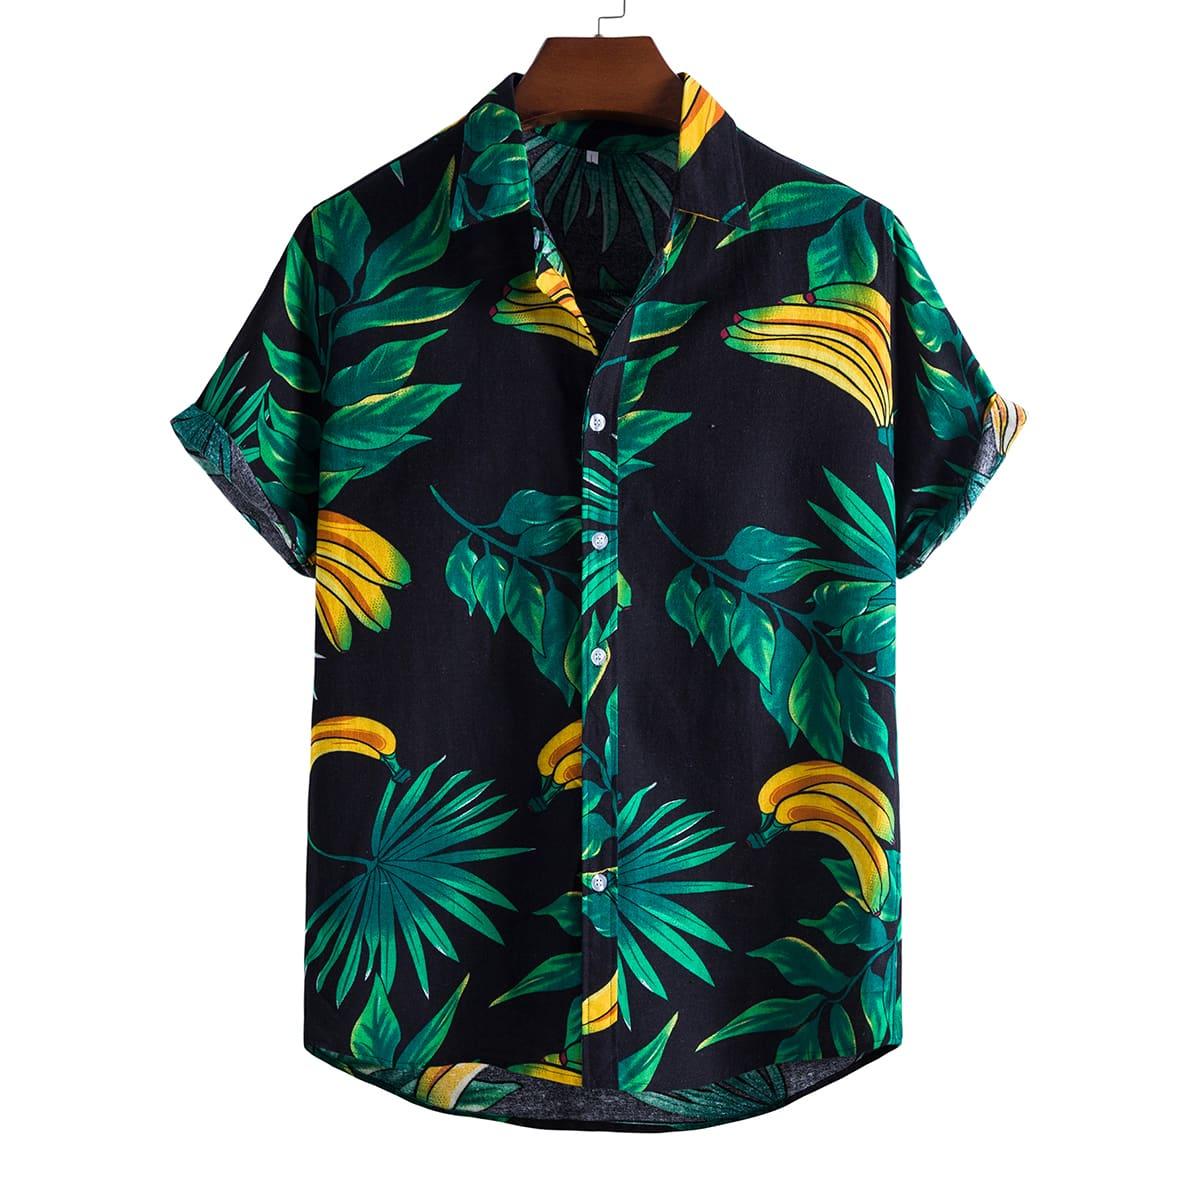 Мужская рубашка на пуговицах с тропическим принтом по цене 1 110